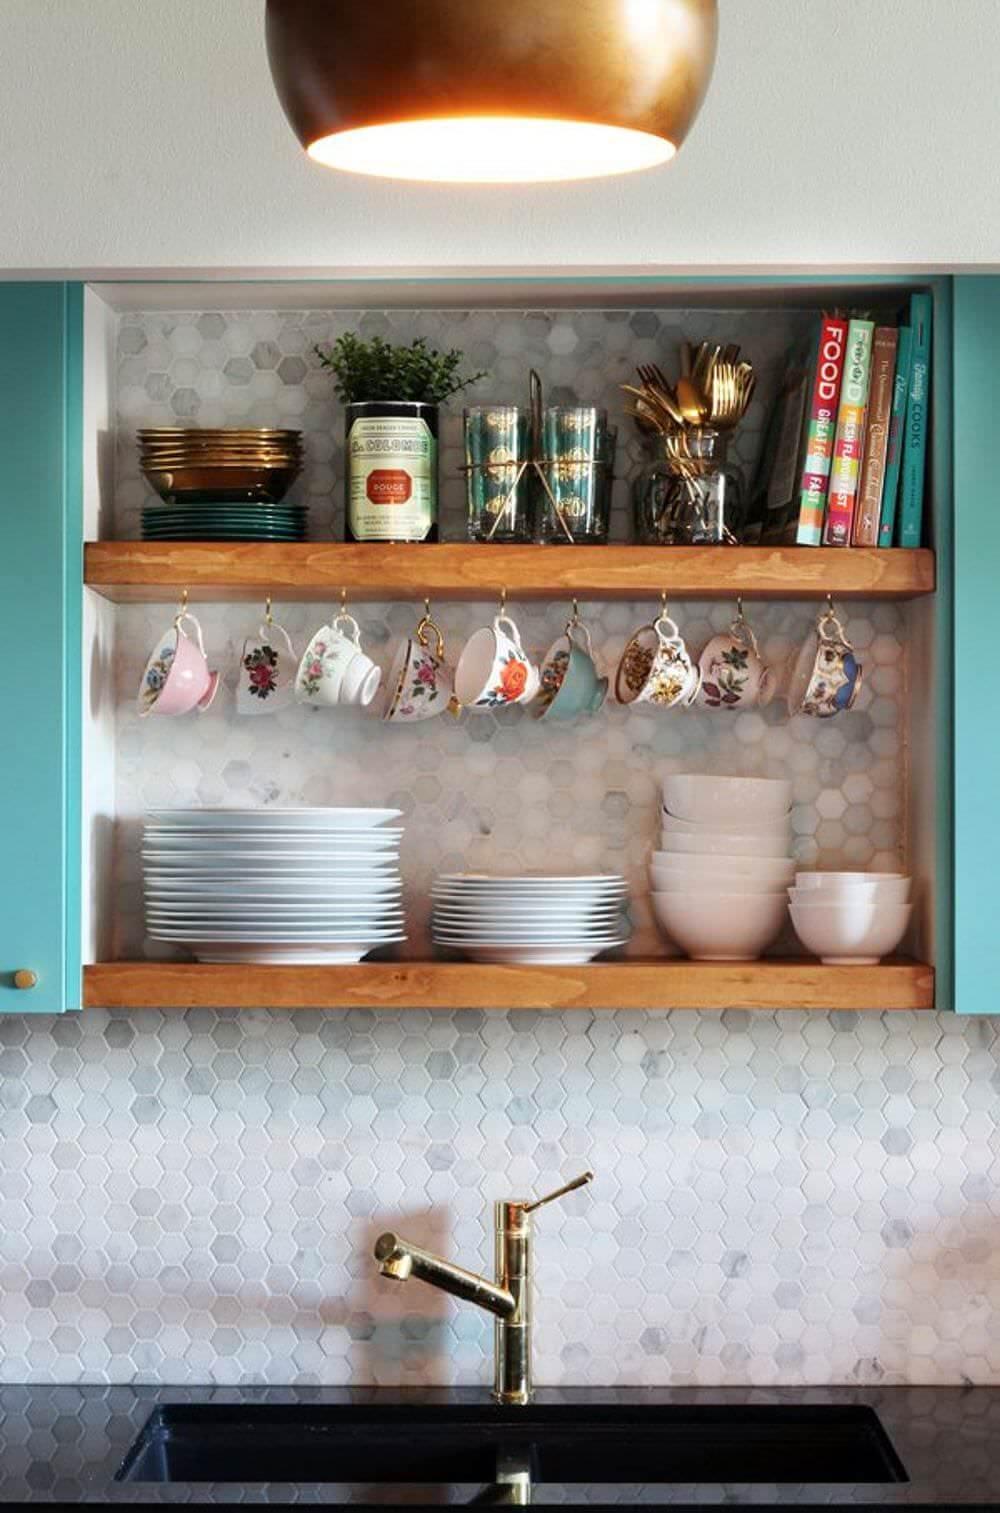 mutfak-acik-raf-modelleri açık mutfak raflarınızı nasıl düzenleyebilirsiniz - mutfak acik raf modelleri 10